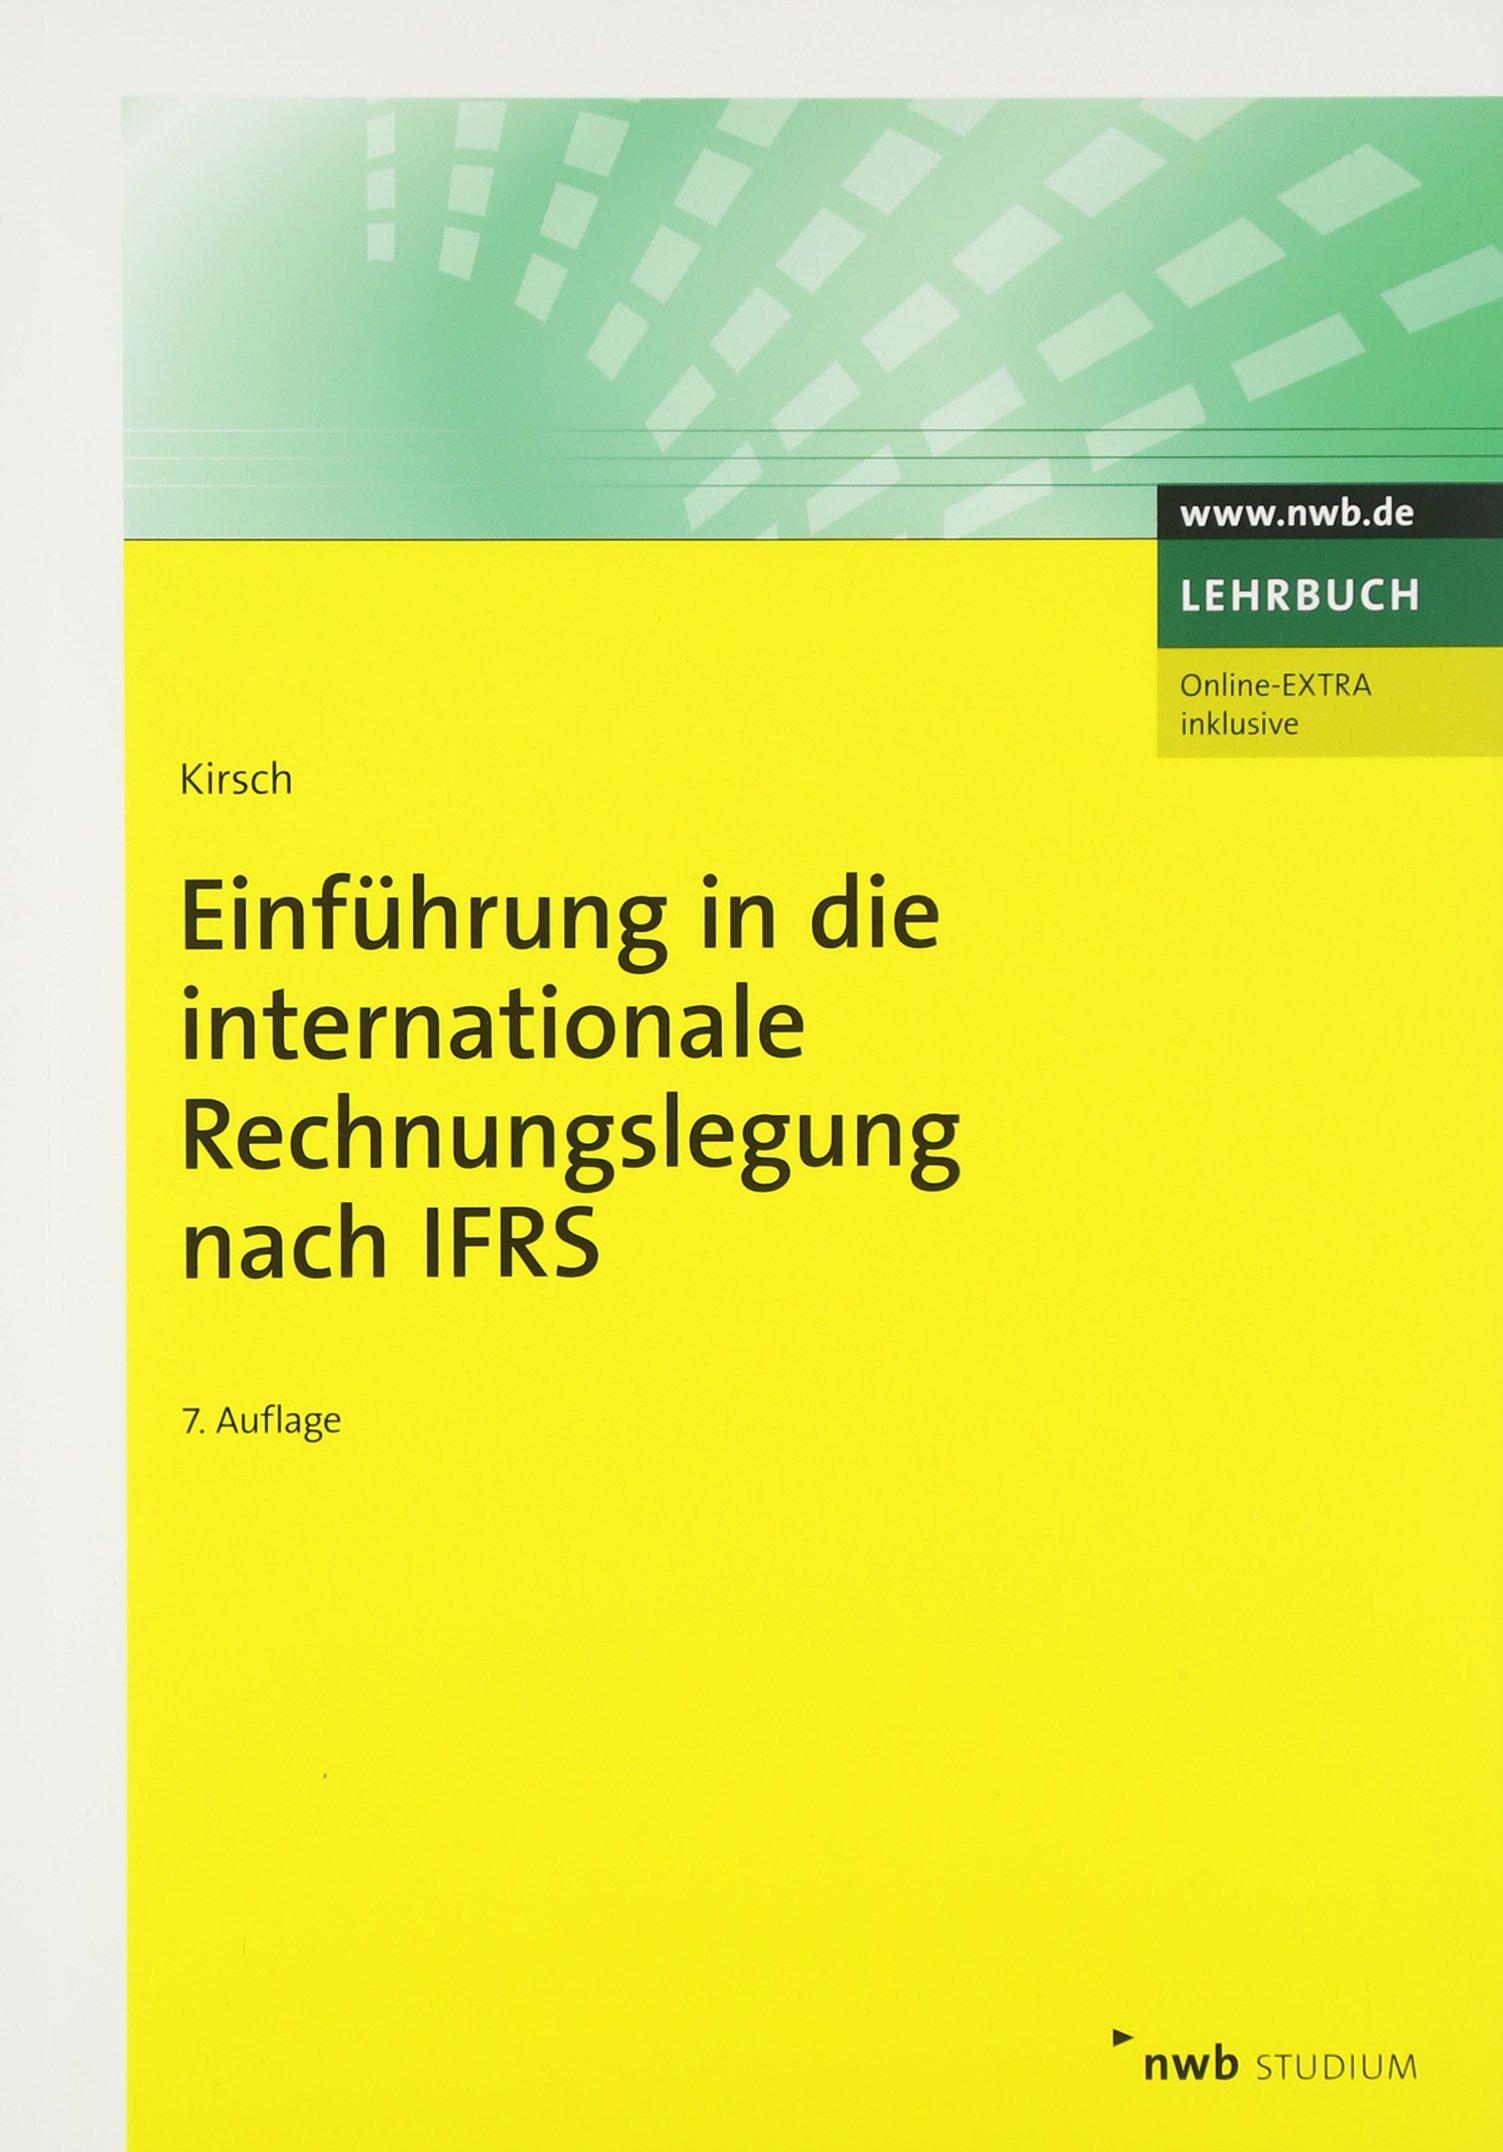 Einführung in die internationale Rechnungslegung nach IFRS (NWB Studium Betriebswirtschaft)